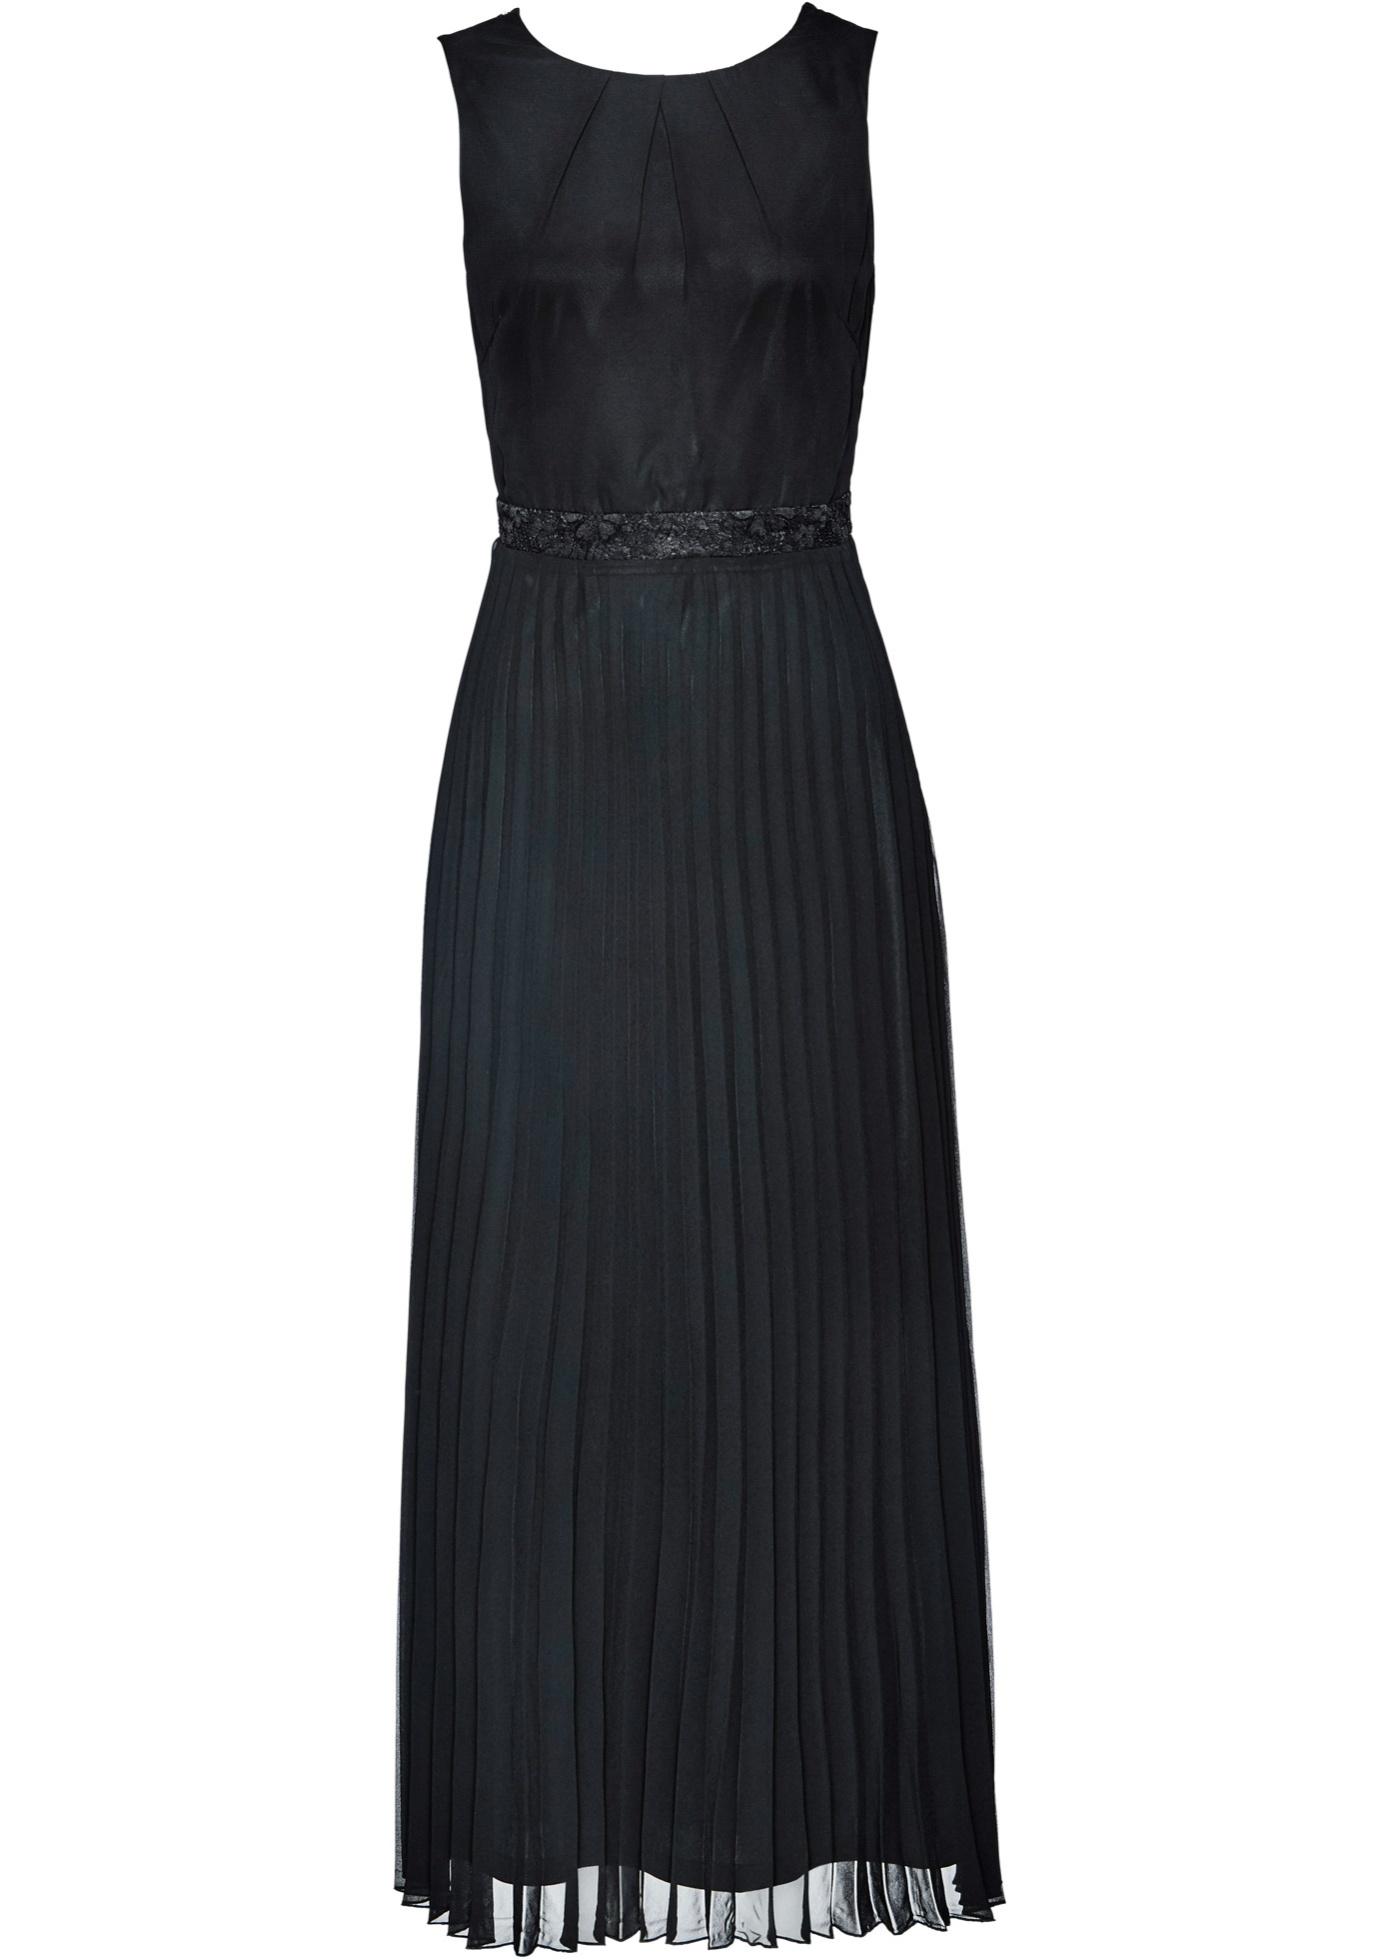 Premium Abendkleid mit Spitze Gr. 46 Schwarz Maxi-kleid ...